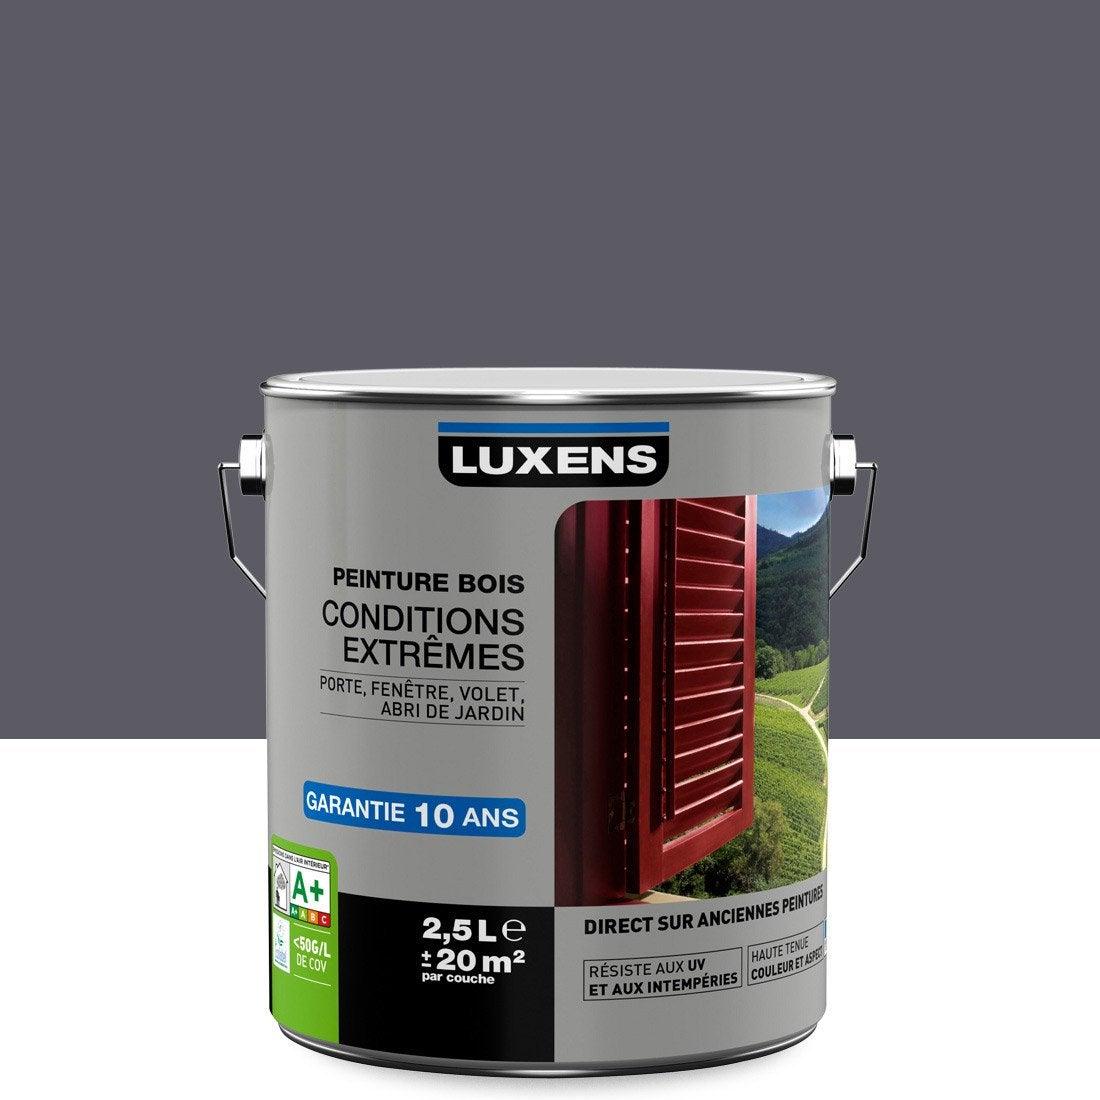 Peinture Bois Extérieur Conditions Extrêmes Luxens Gris Galet N 1